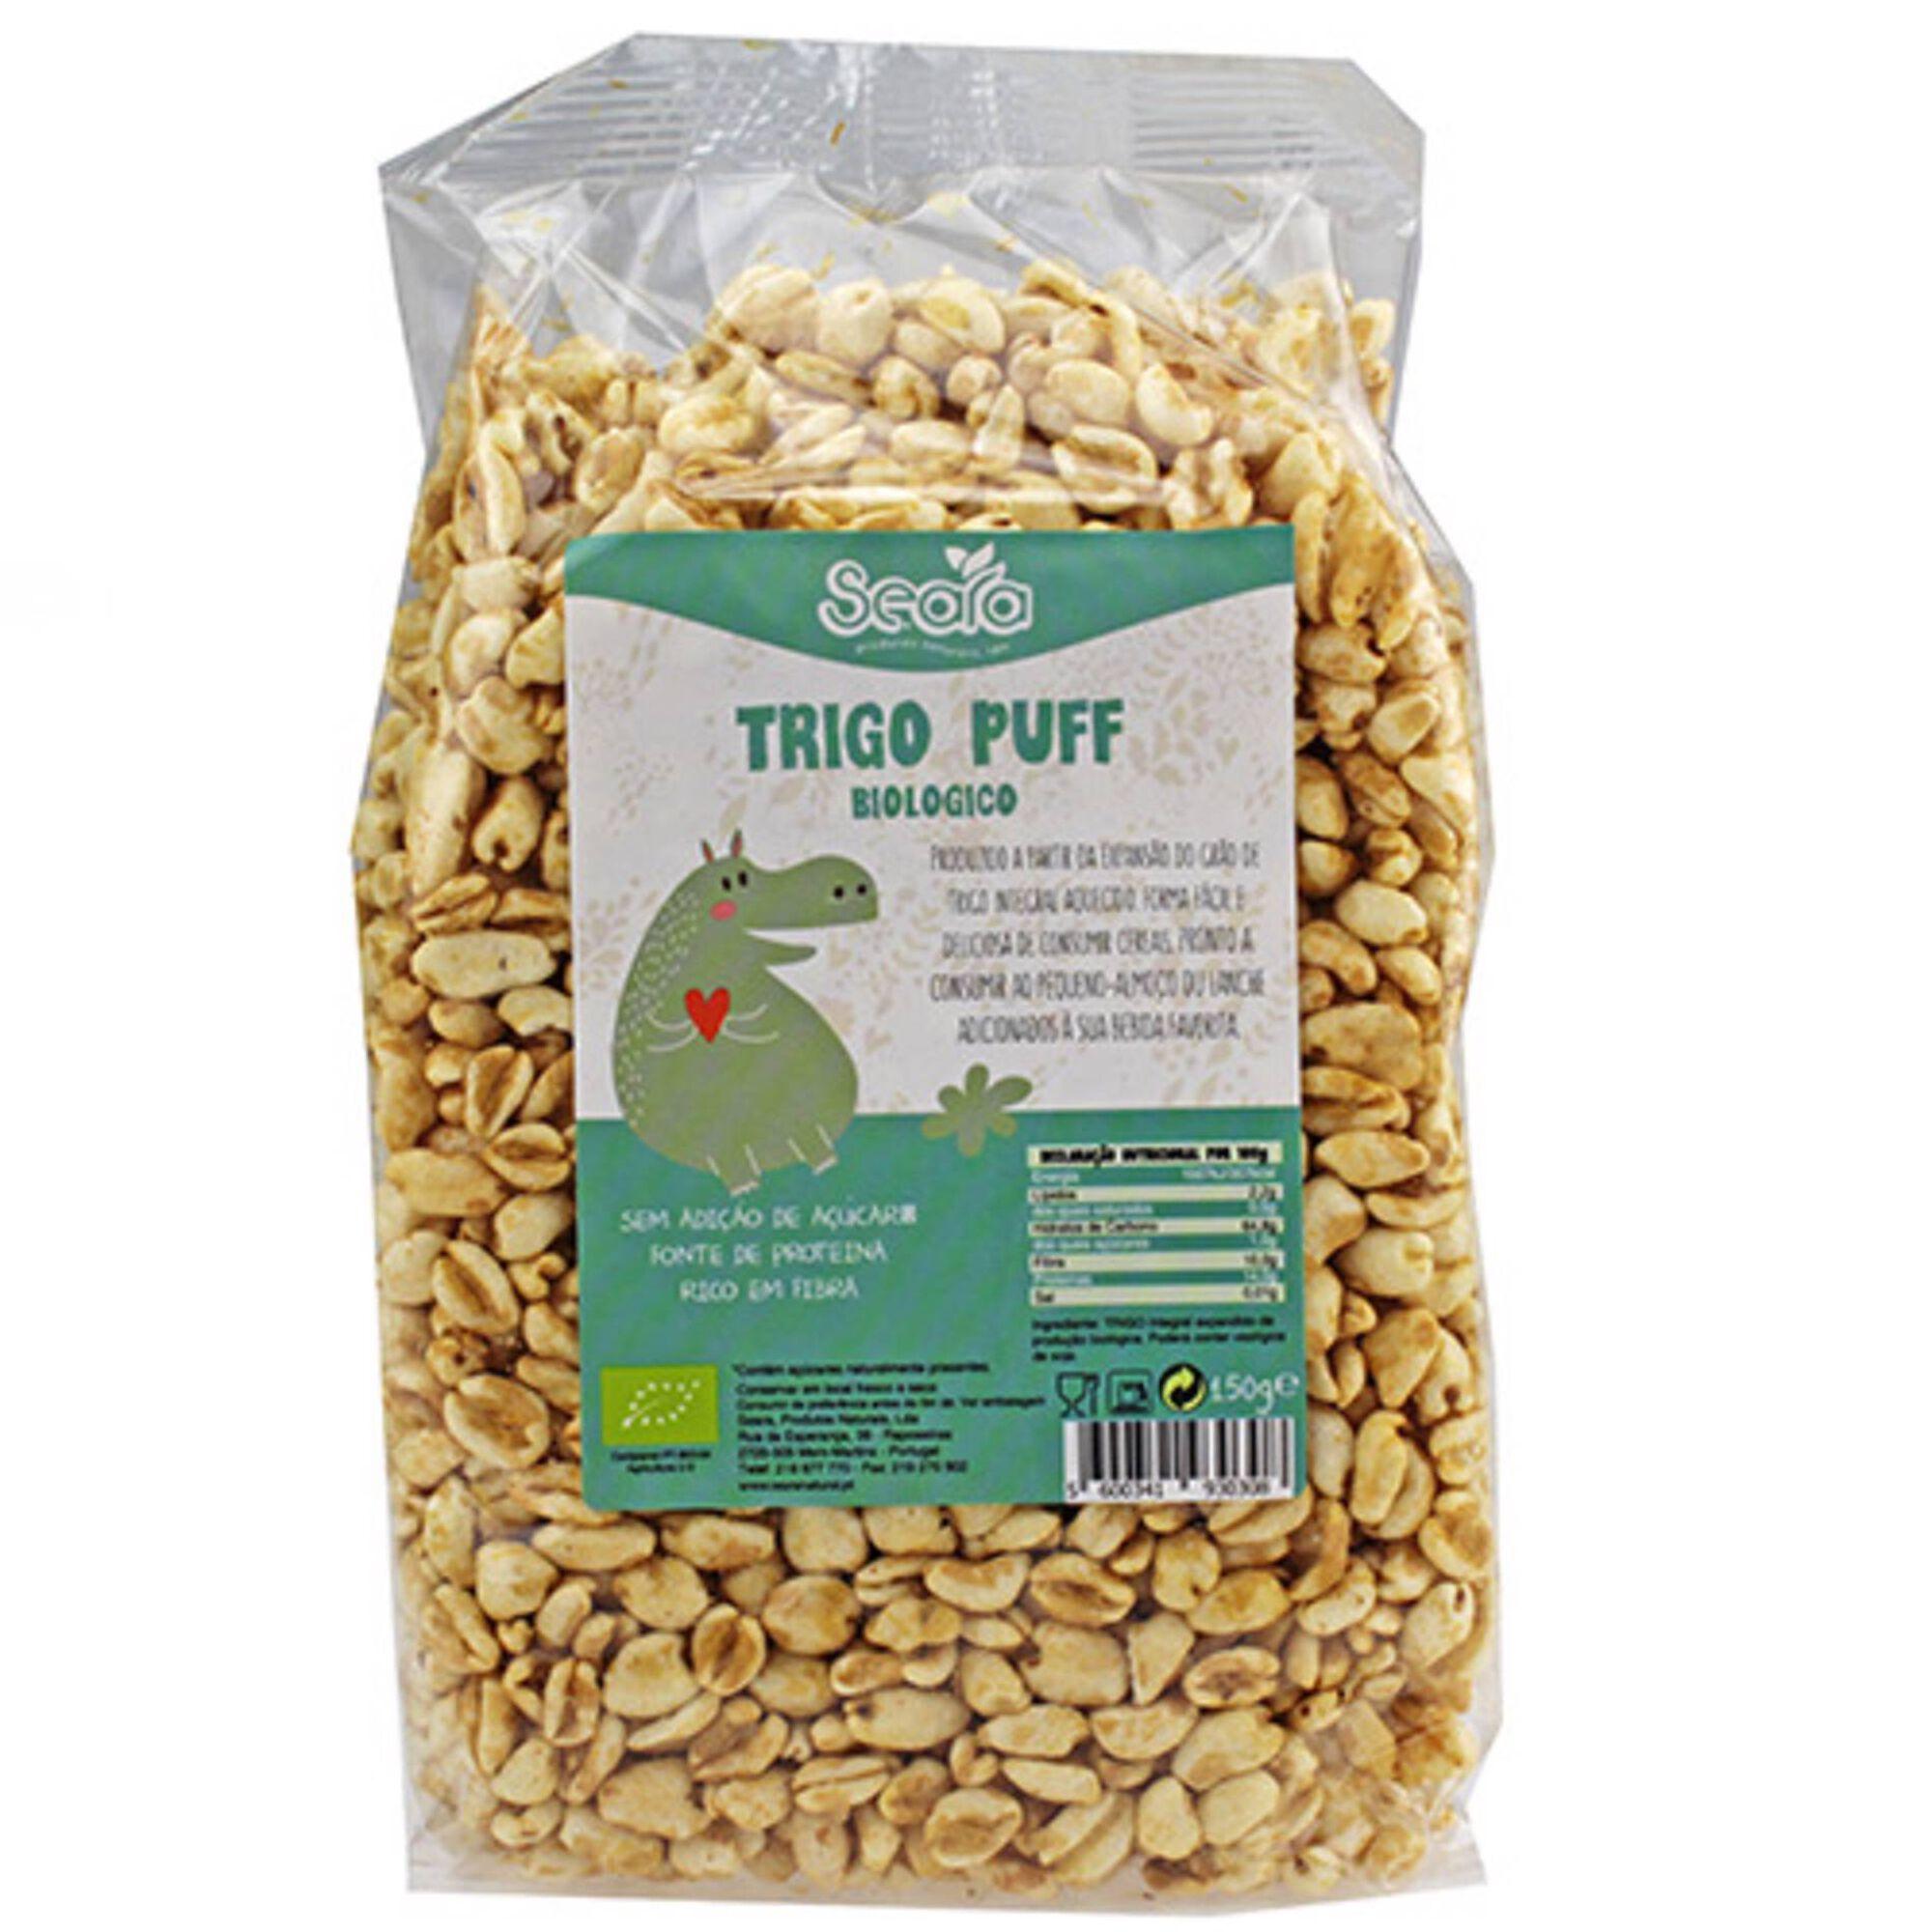 Trigo Puff Expandido Biológico